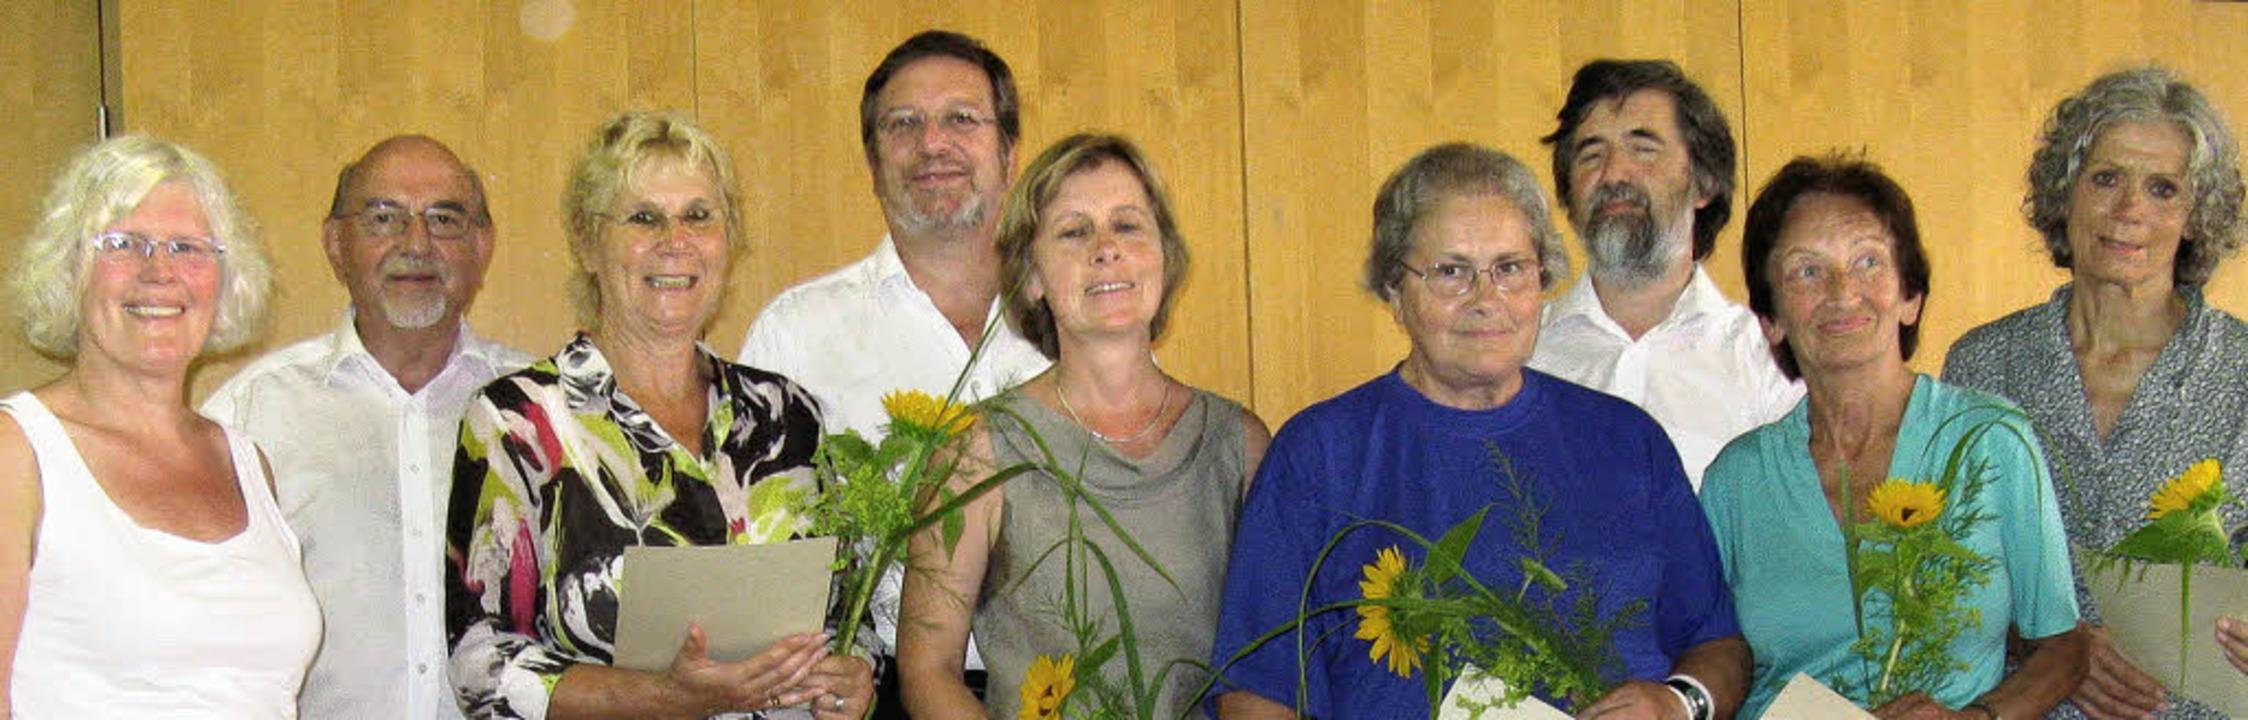 In einer Feierstunde wurden die neuen ... Peter Widdess beauftragt (von links)     Foto: Dorothee Möller-Barbian